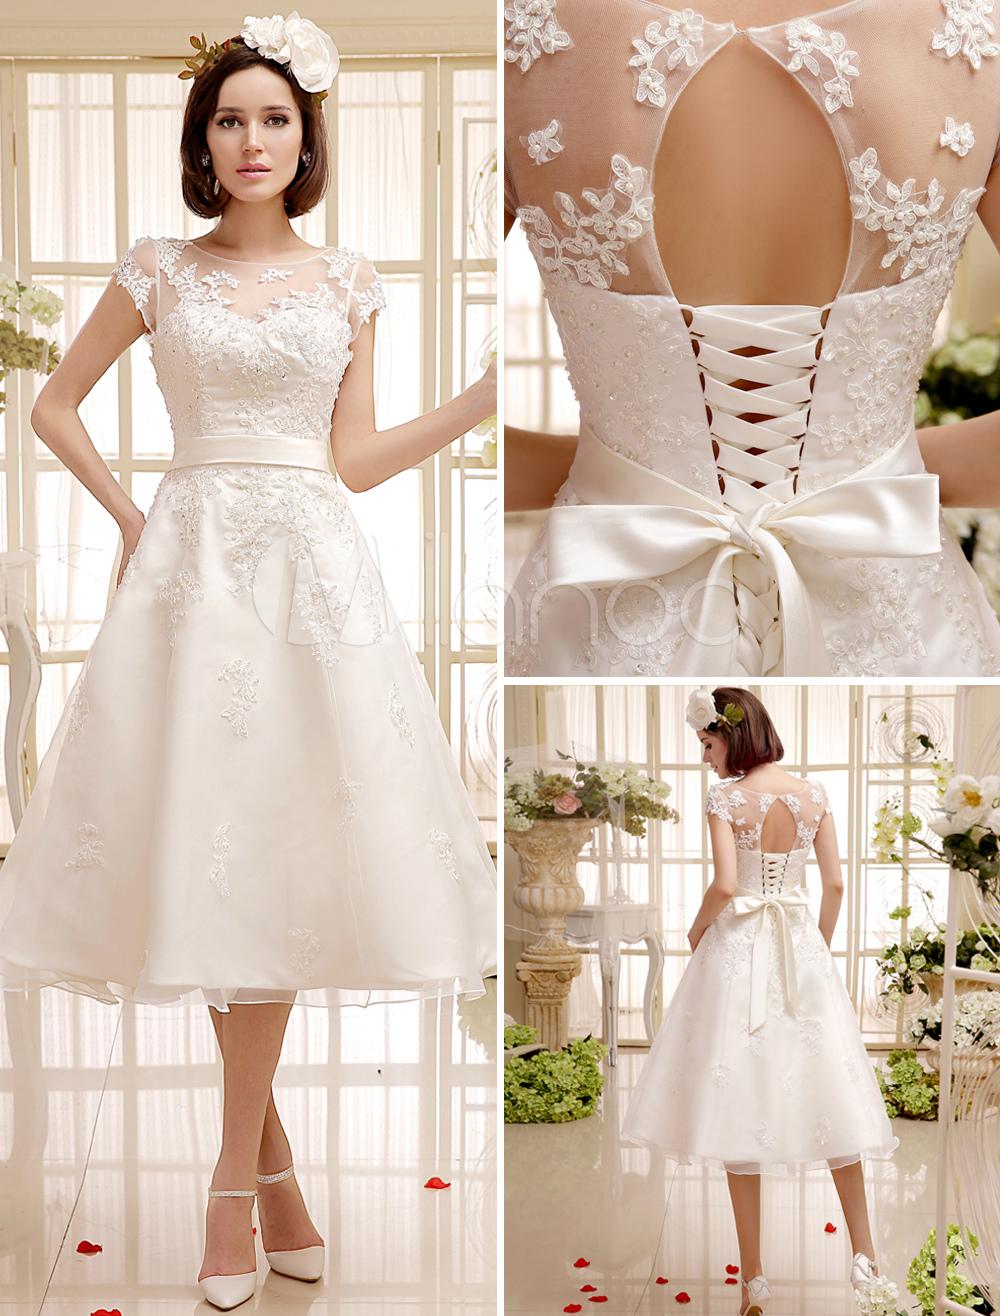 robe de marie a ligne ivoire avec ceinture longueur mollet milanoo - Milanoo Robe De Soiree Pour Mariage